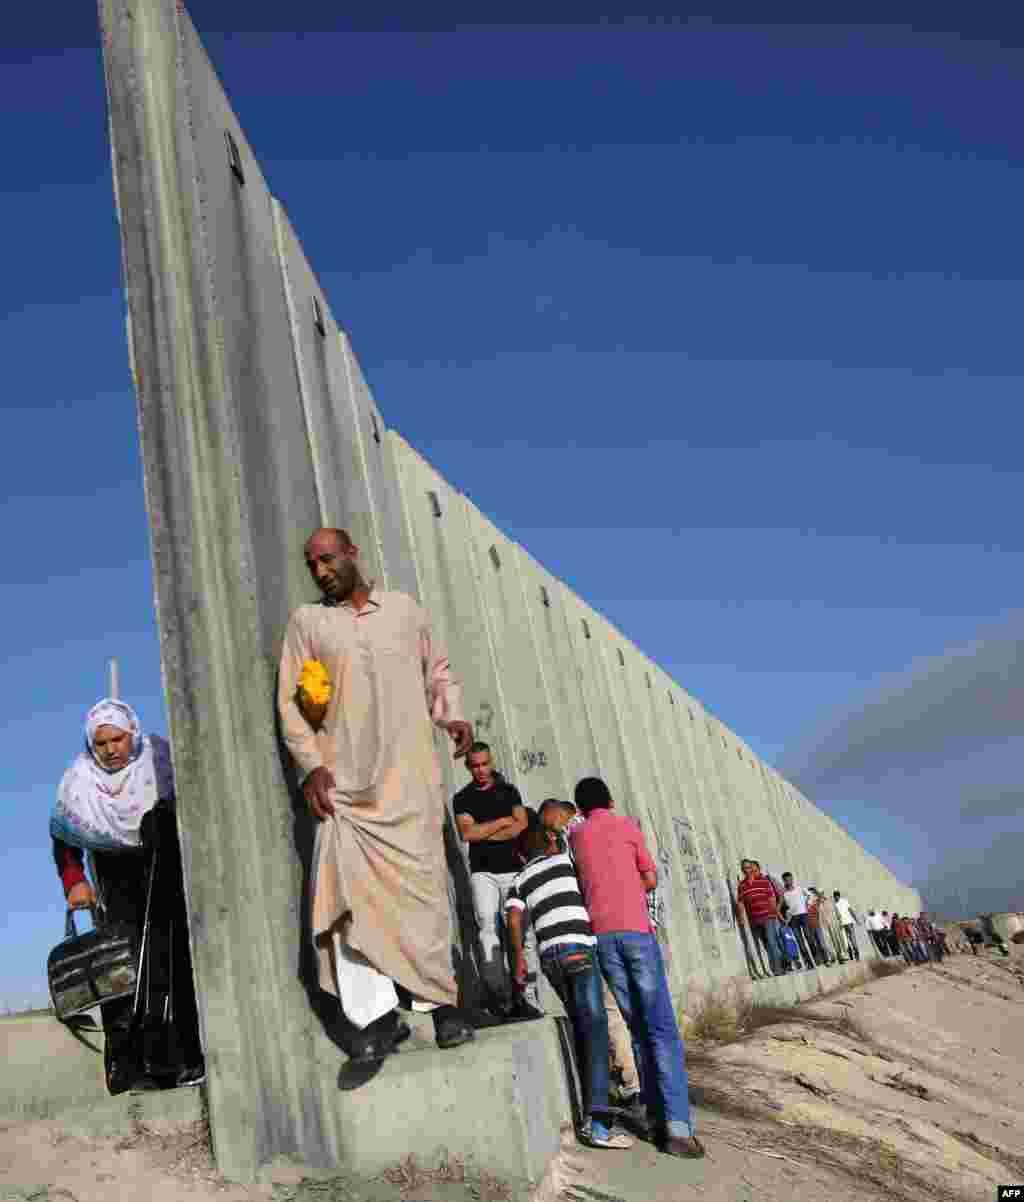 На фото - знаменитая стена, построенная Израилем, чтобы оградить палестинские поселения на Западном берегу реки Иордан. Железобетонная 8-метровая стенав некоторых сестах оснащена колючей проволокой и датчиками движения